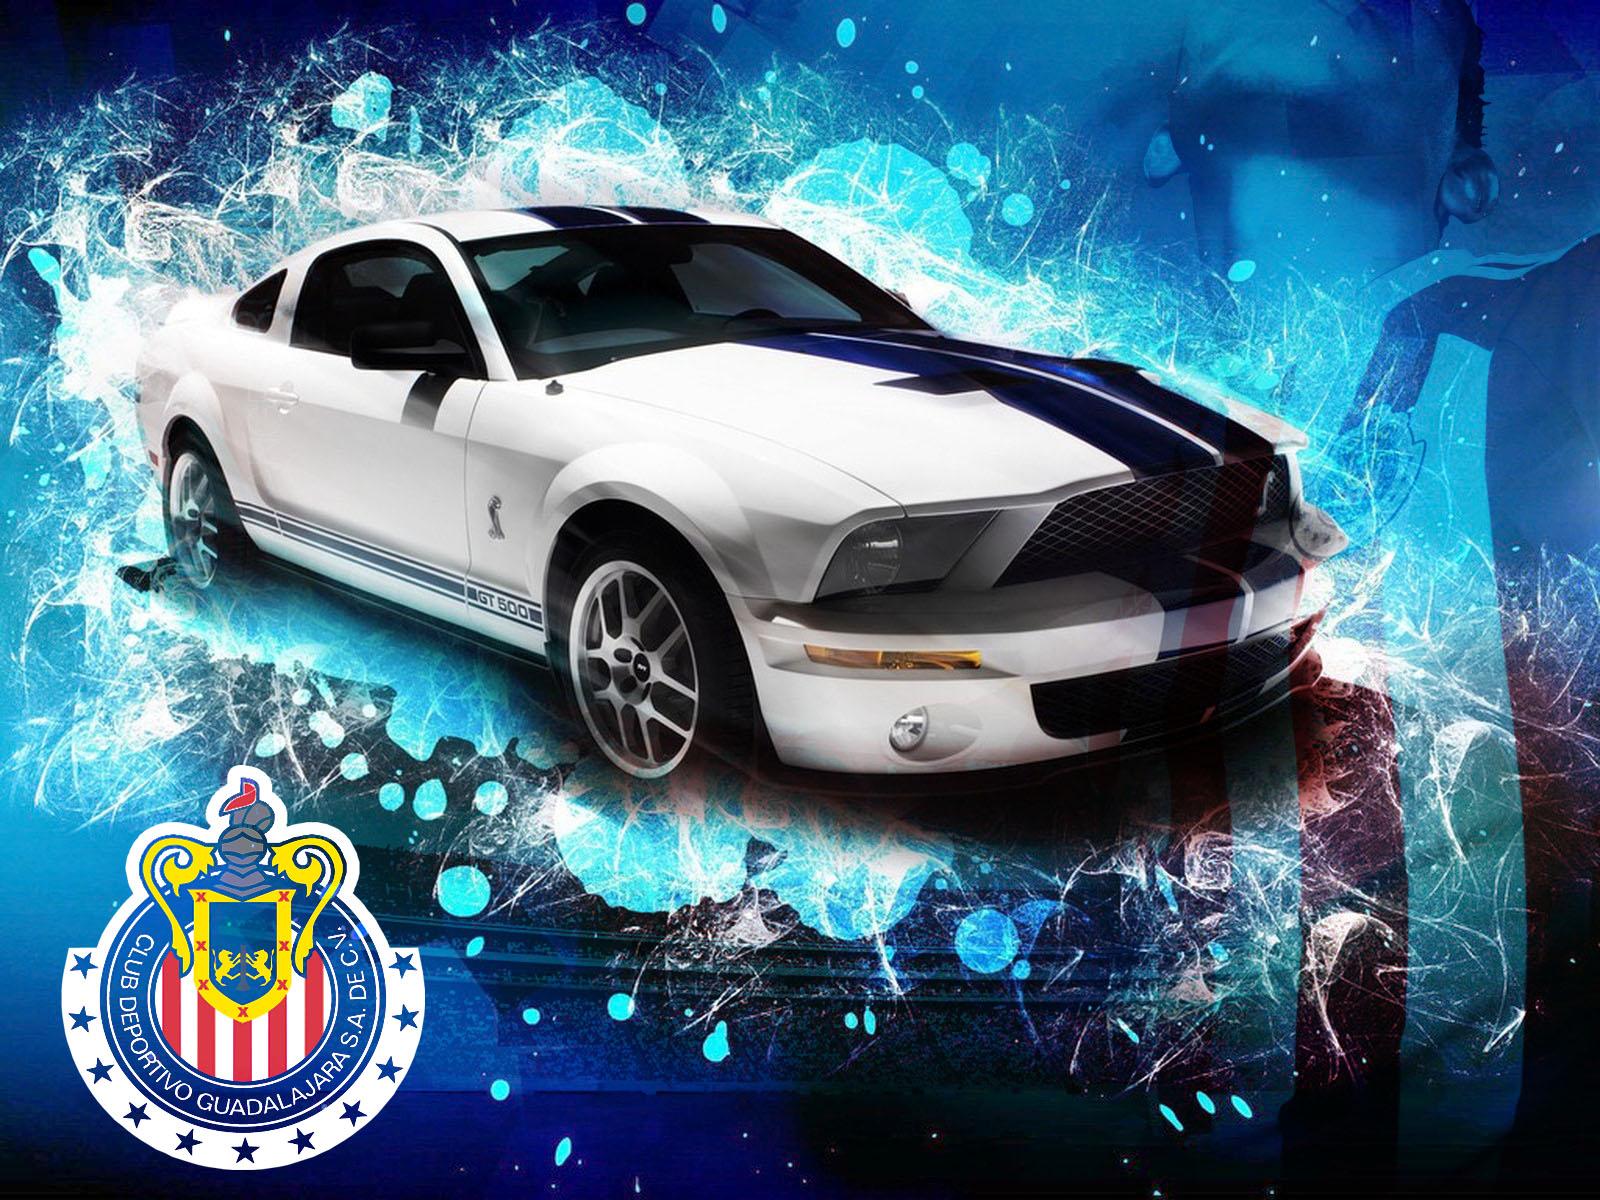 http://2.bp.blogspot.com/-Byg0OwKsnuE/UFi9BHp13xI/AAAAAAAAAB0/CwIkf3BT8Bw/s1600/Wallpaper+-+Mustang+Chivas.jpg